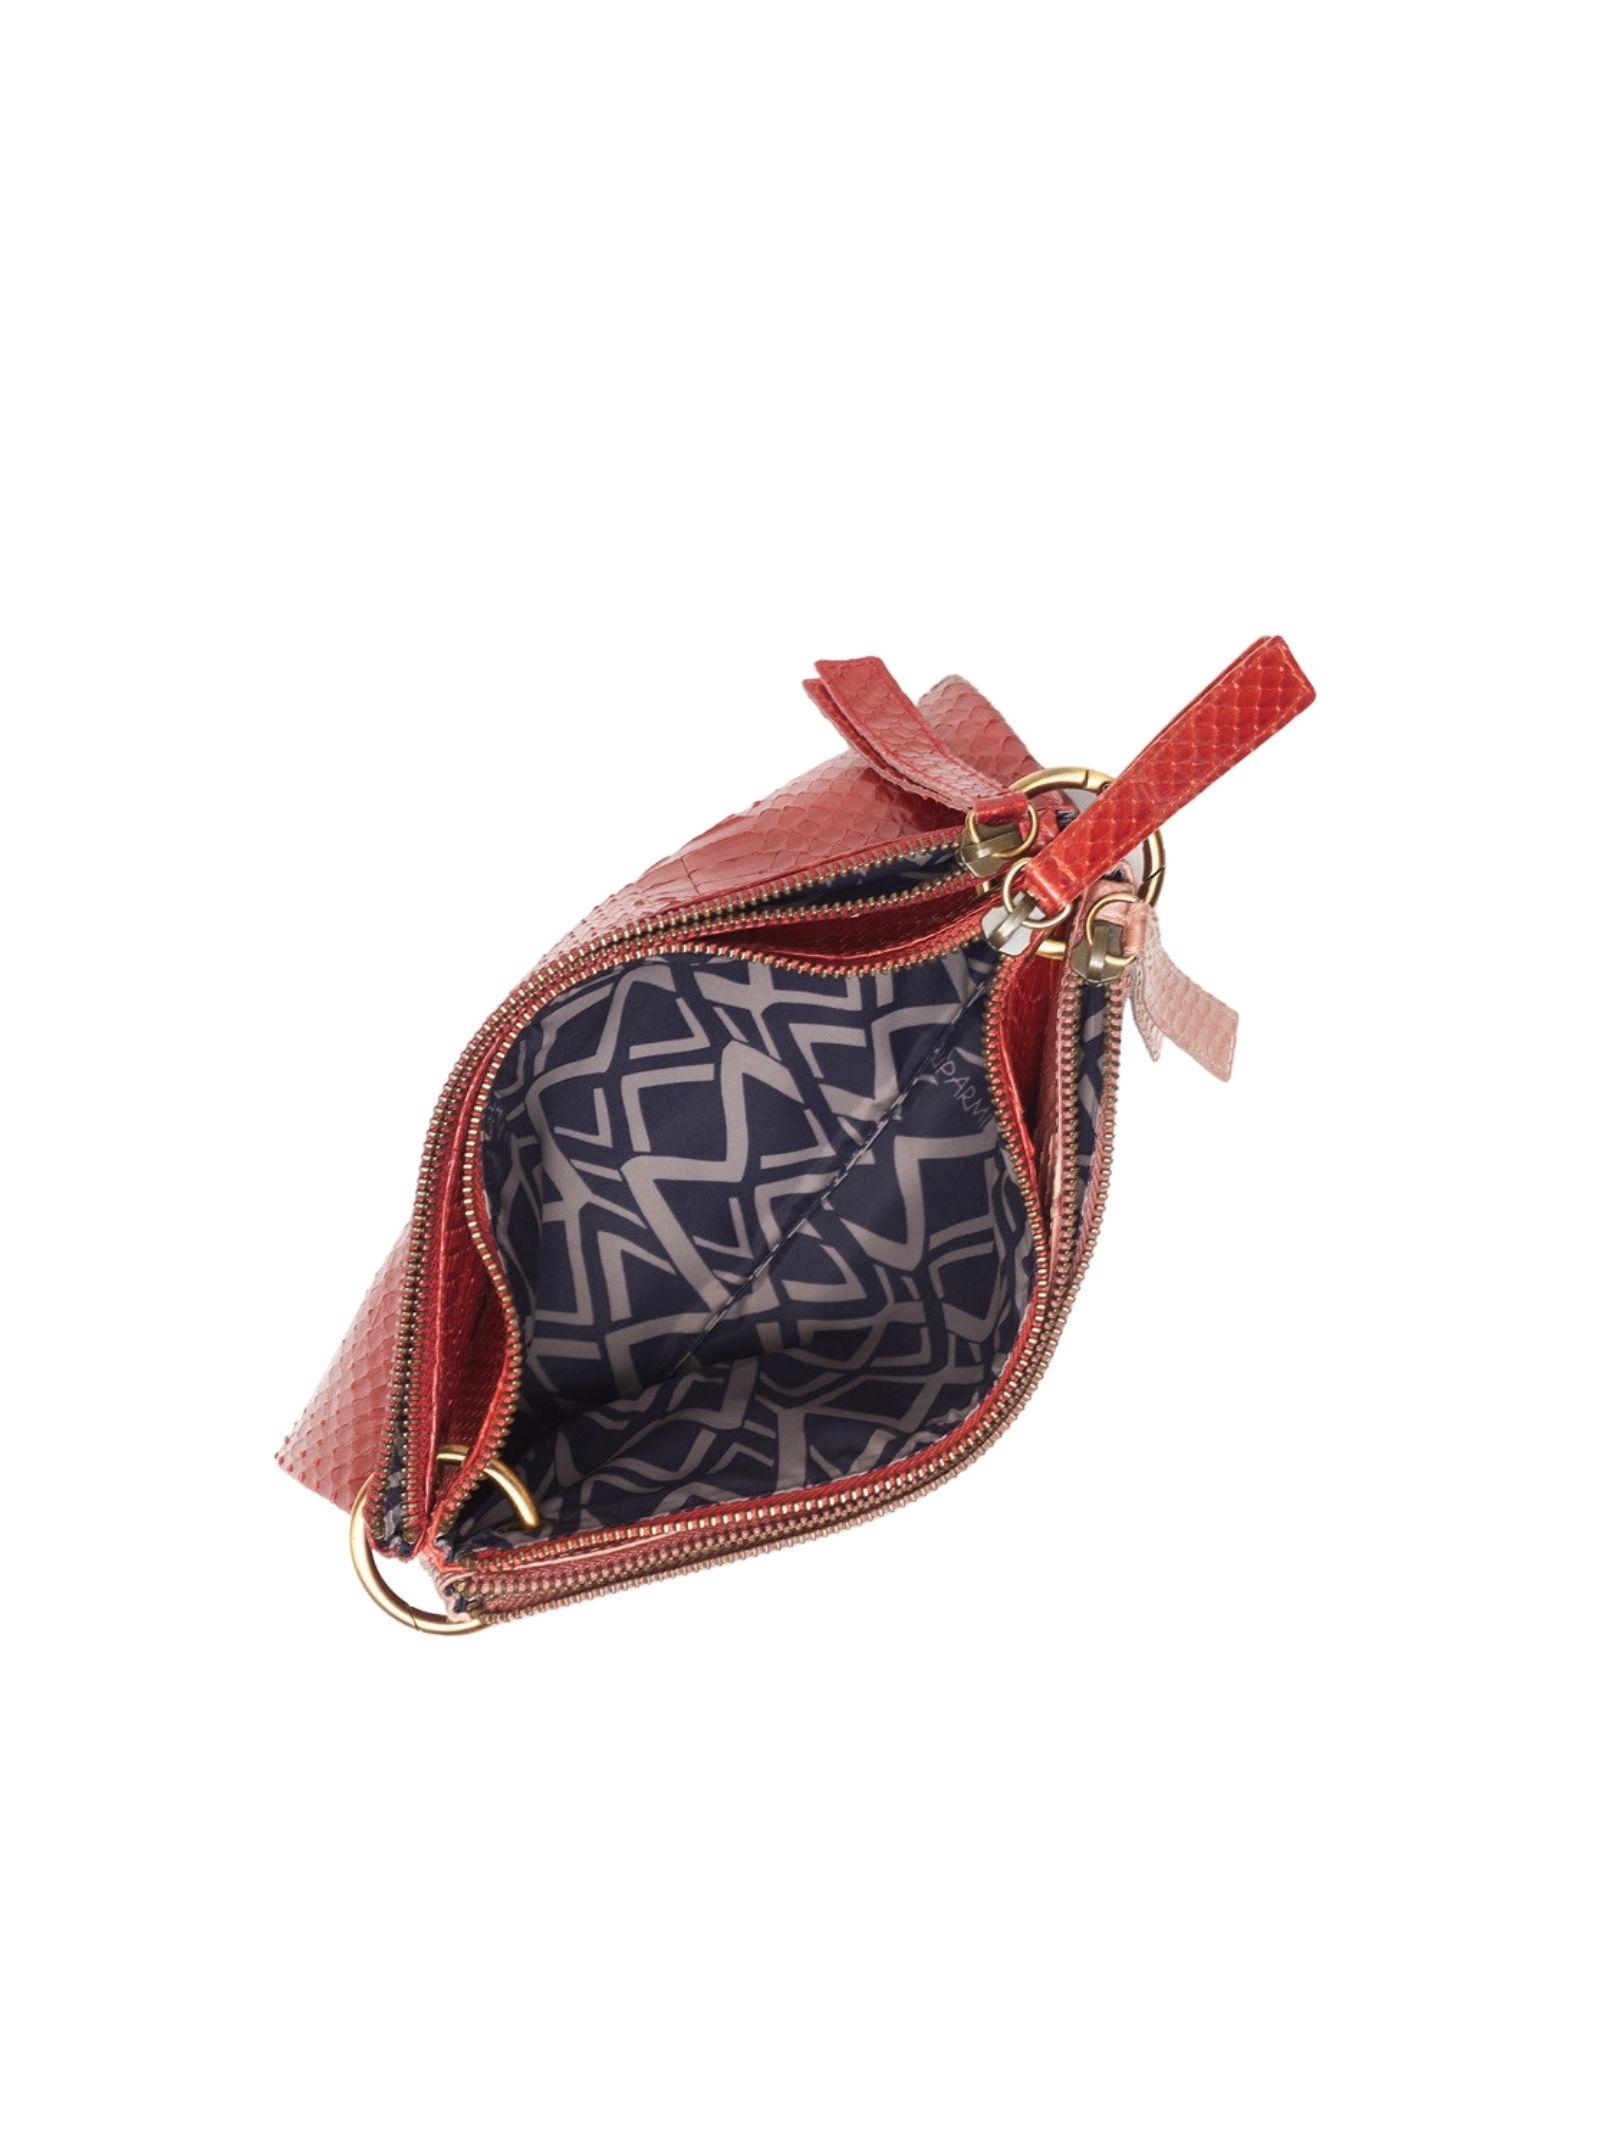 Borse Donna Rosso Multicolore Maliparmi | Borse e zaini | BD00490140930B99